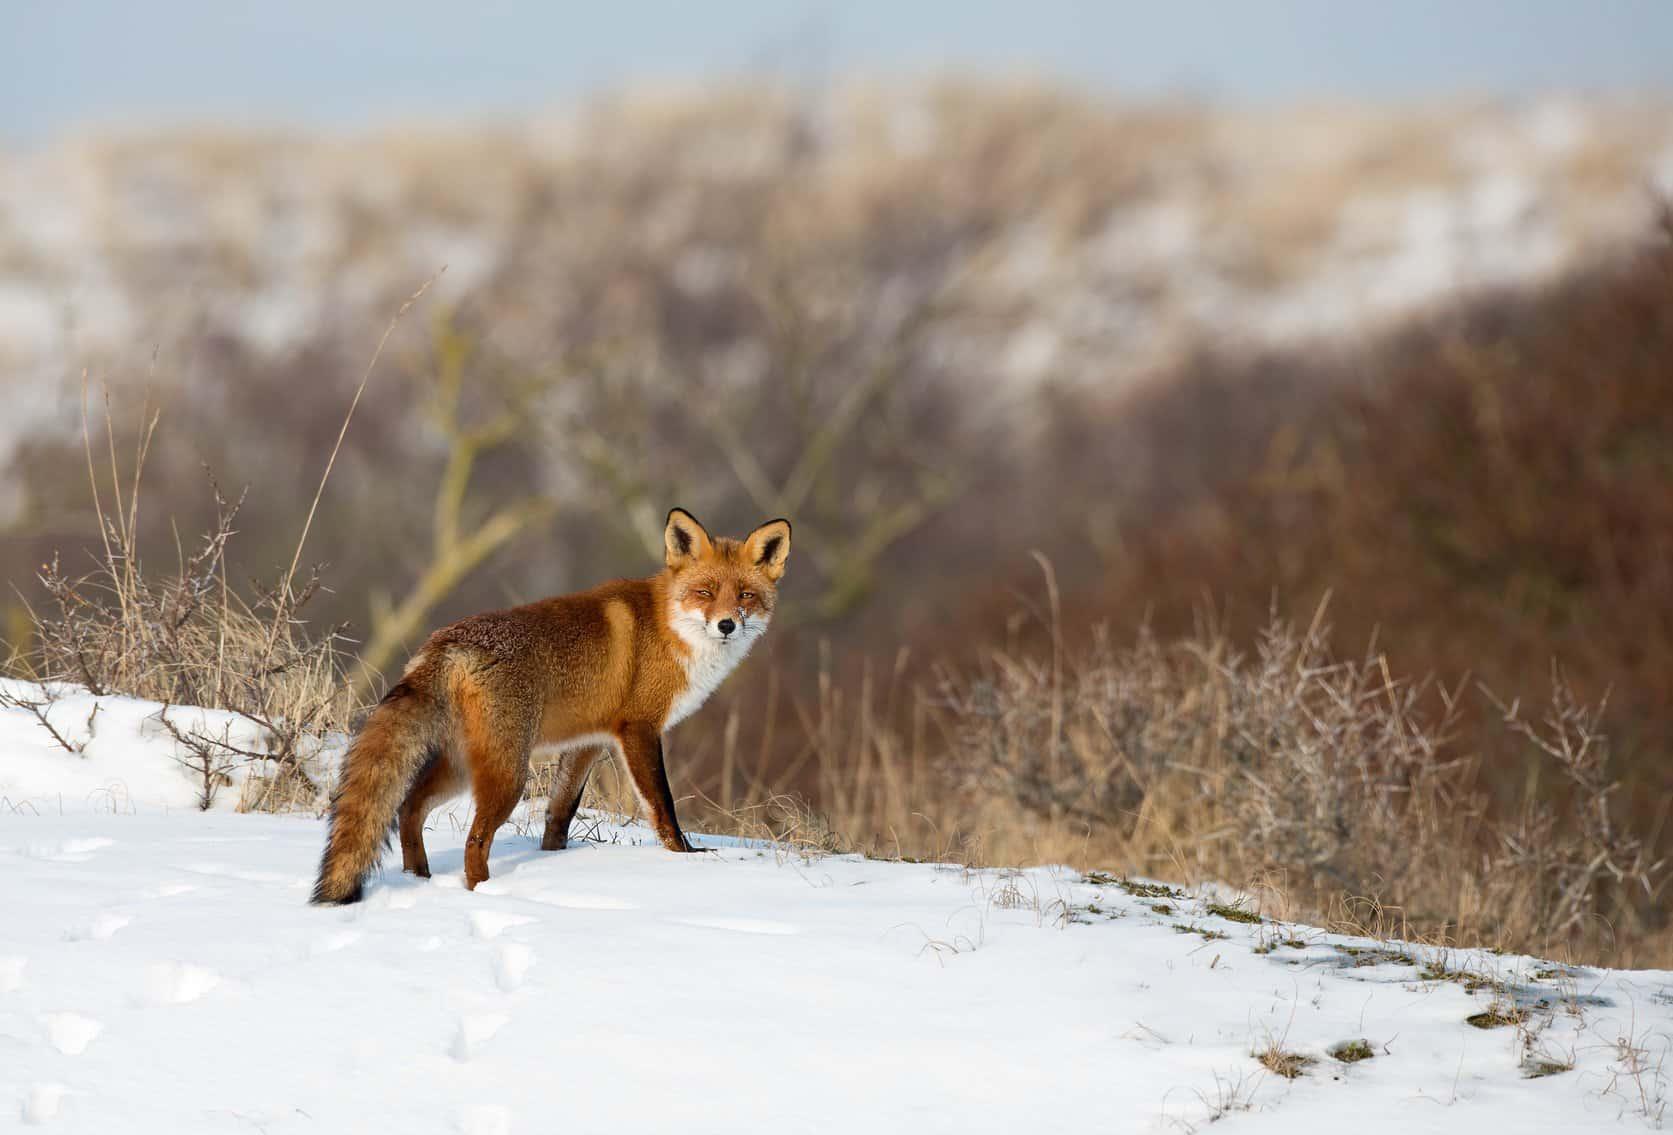 cba74affa69818 Fuchs unter Artenschutz - Tierschutz-Bußgeldkatalog 2019